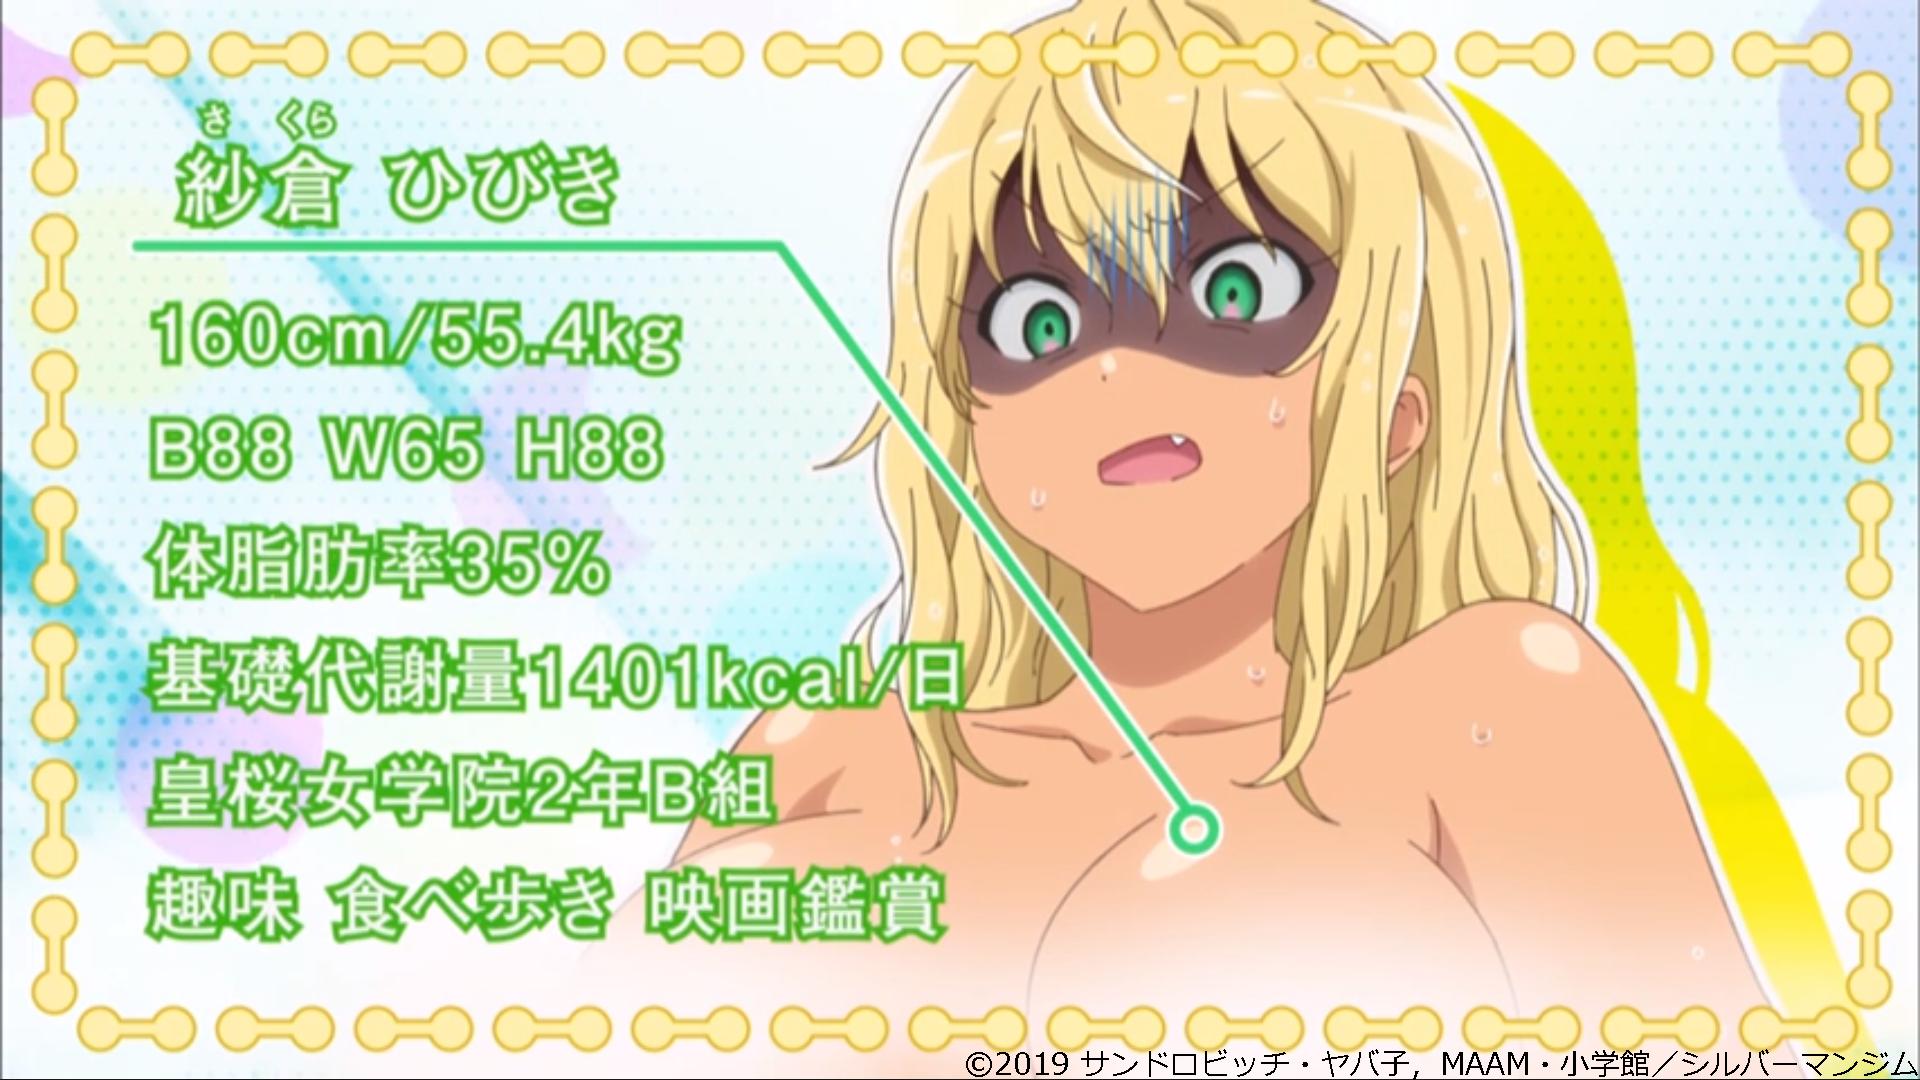 ダンベル何キロ持てる?紗倉ひびきアニメ画像